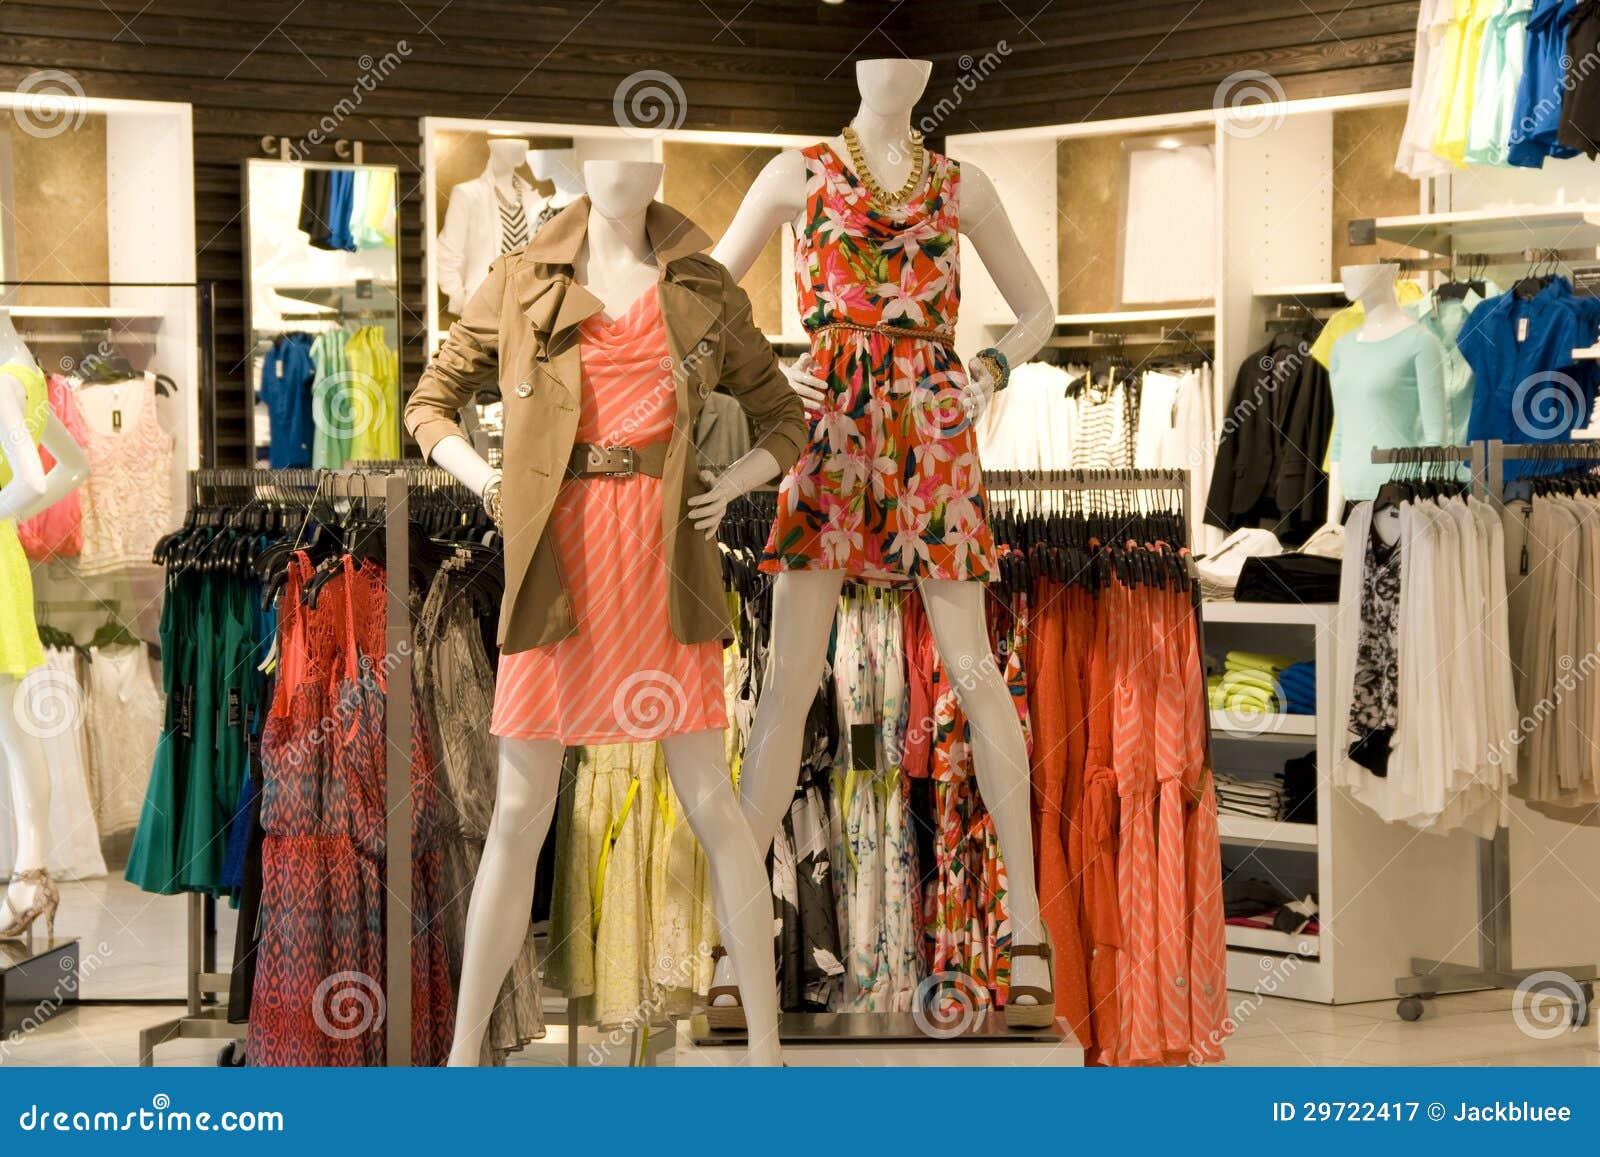 a501ded8e8da Tienda De La Ropa De Moda De La Mujer Imagen de archivo - Imagen de ...